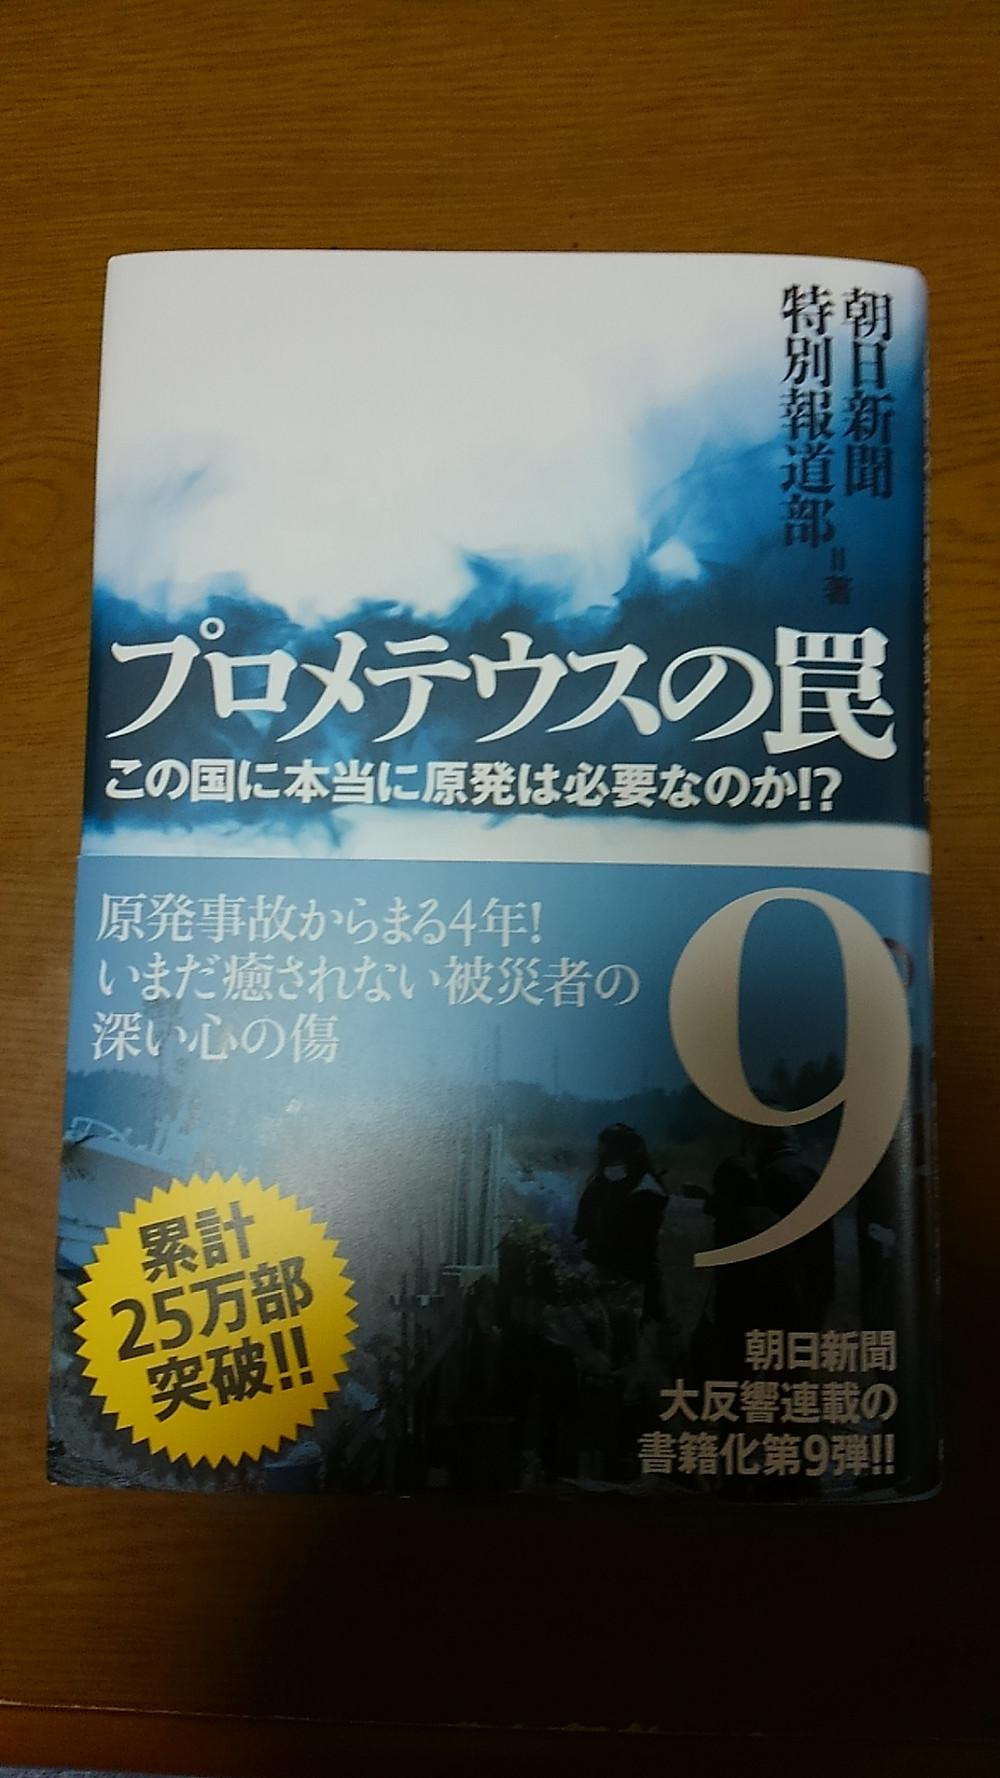 プロメテウスの罠 第9巻    .JPG